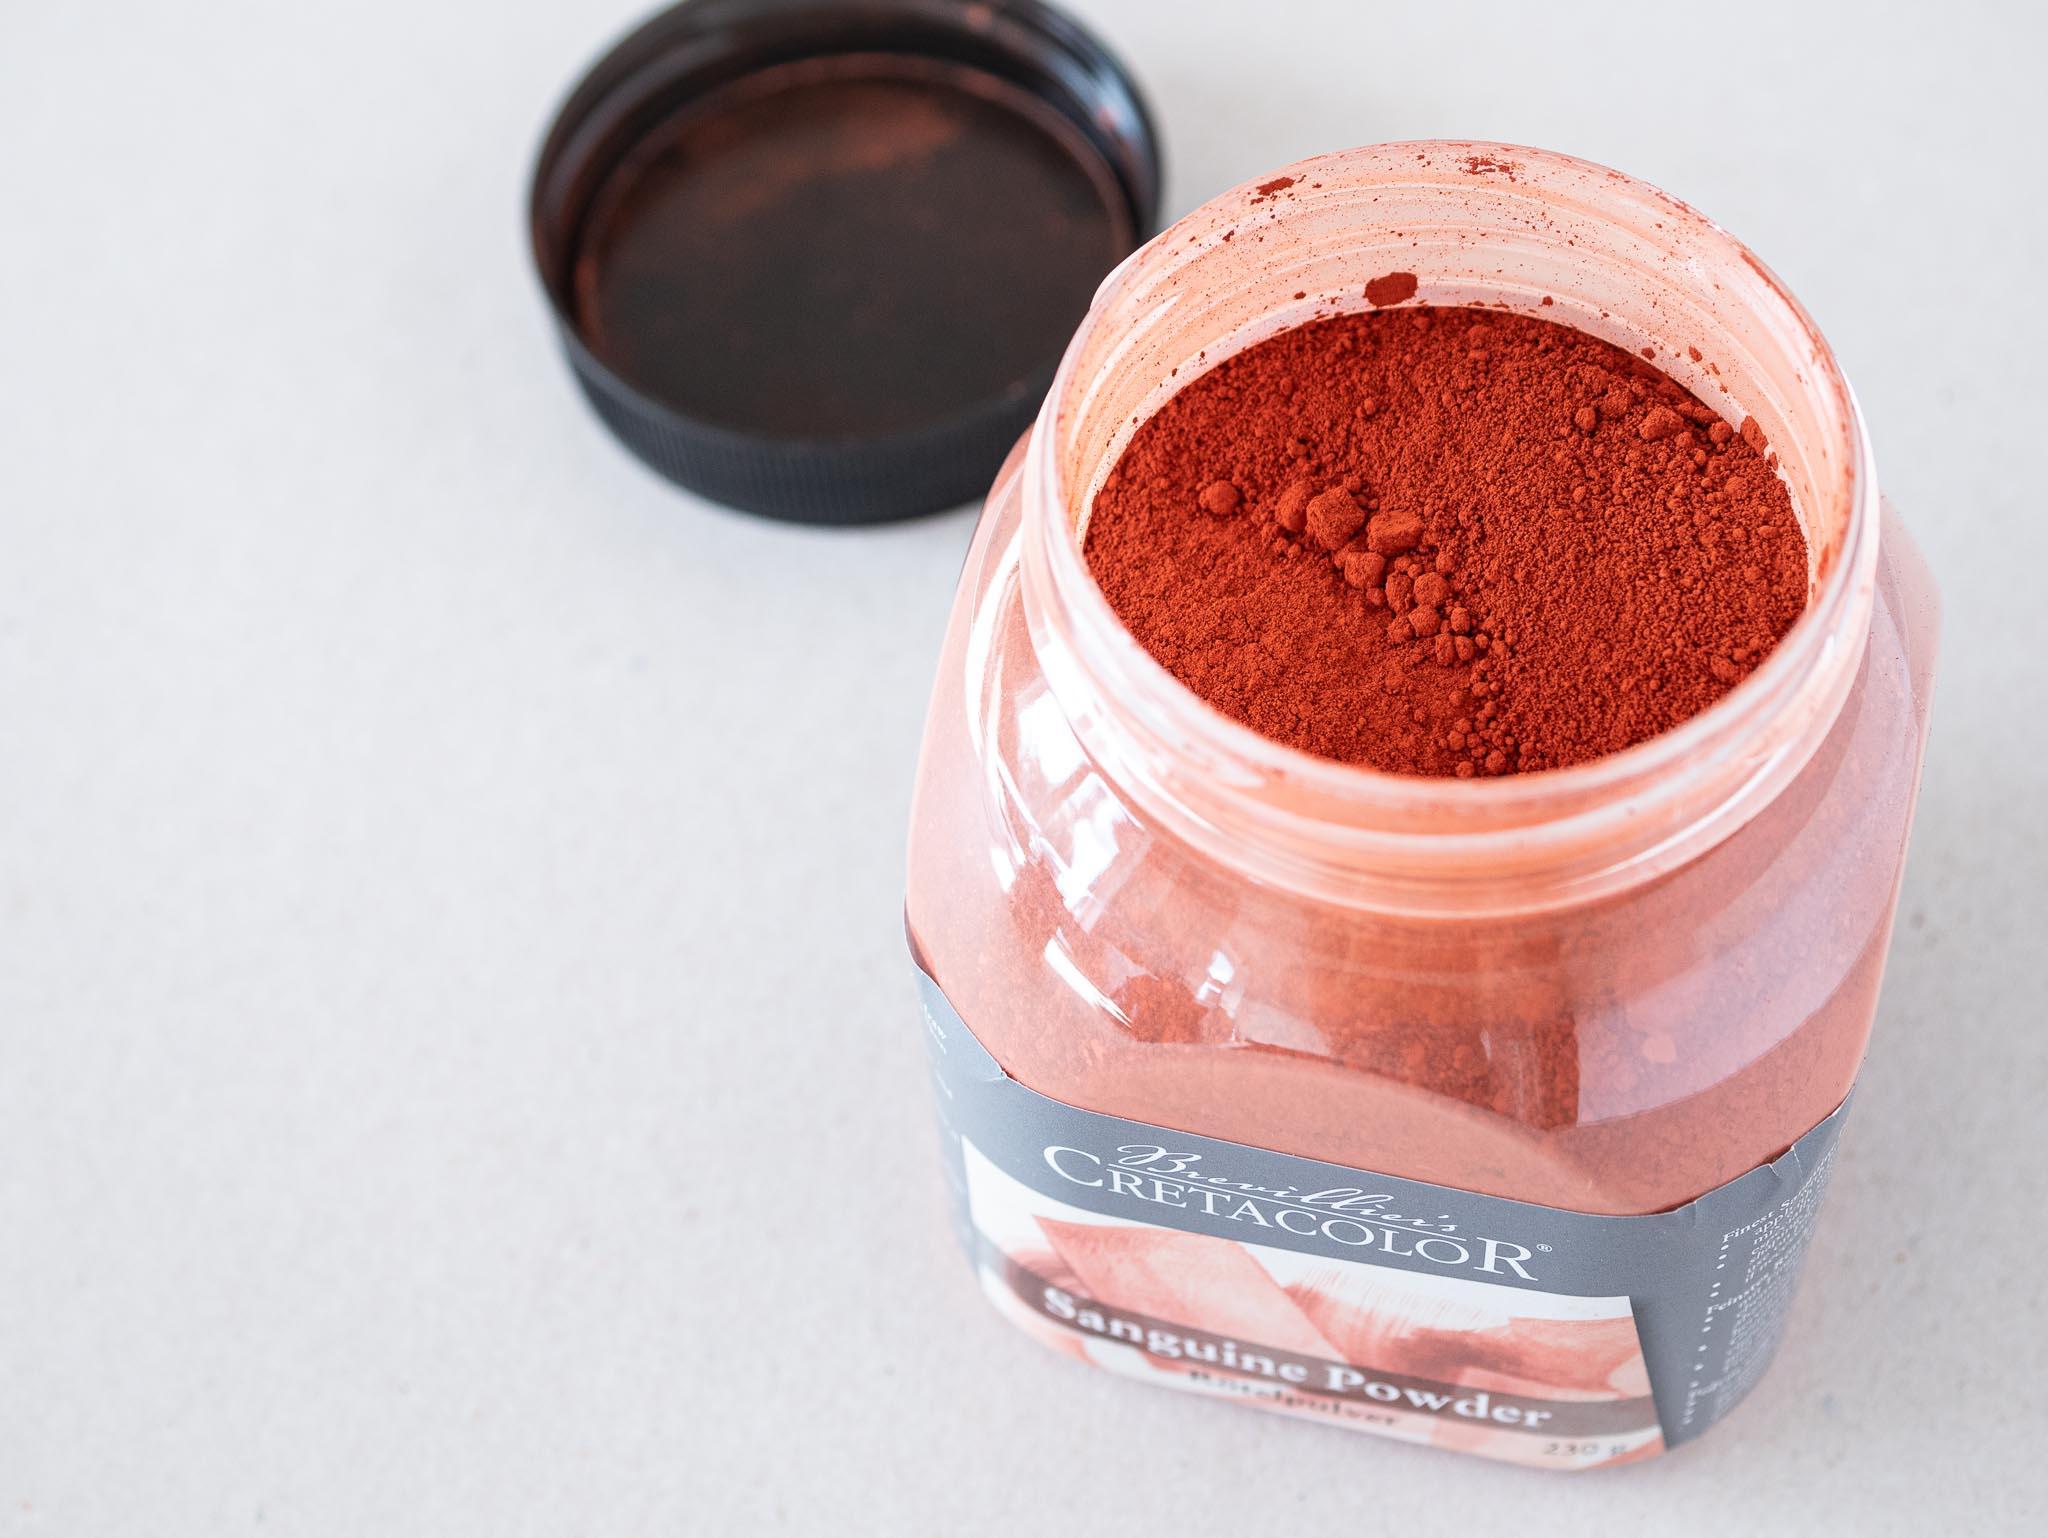 Cretacolor Sanguine Powder Rødkridtspulver 3